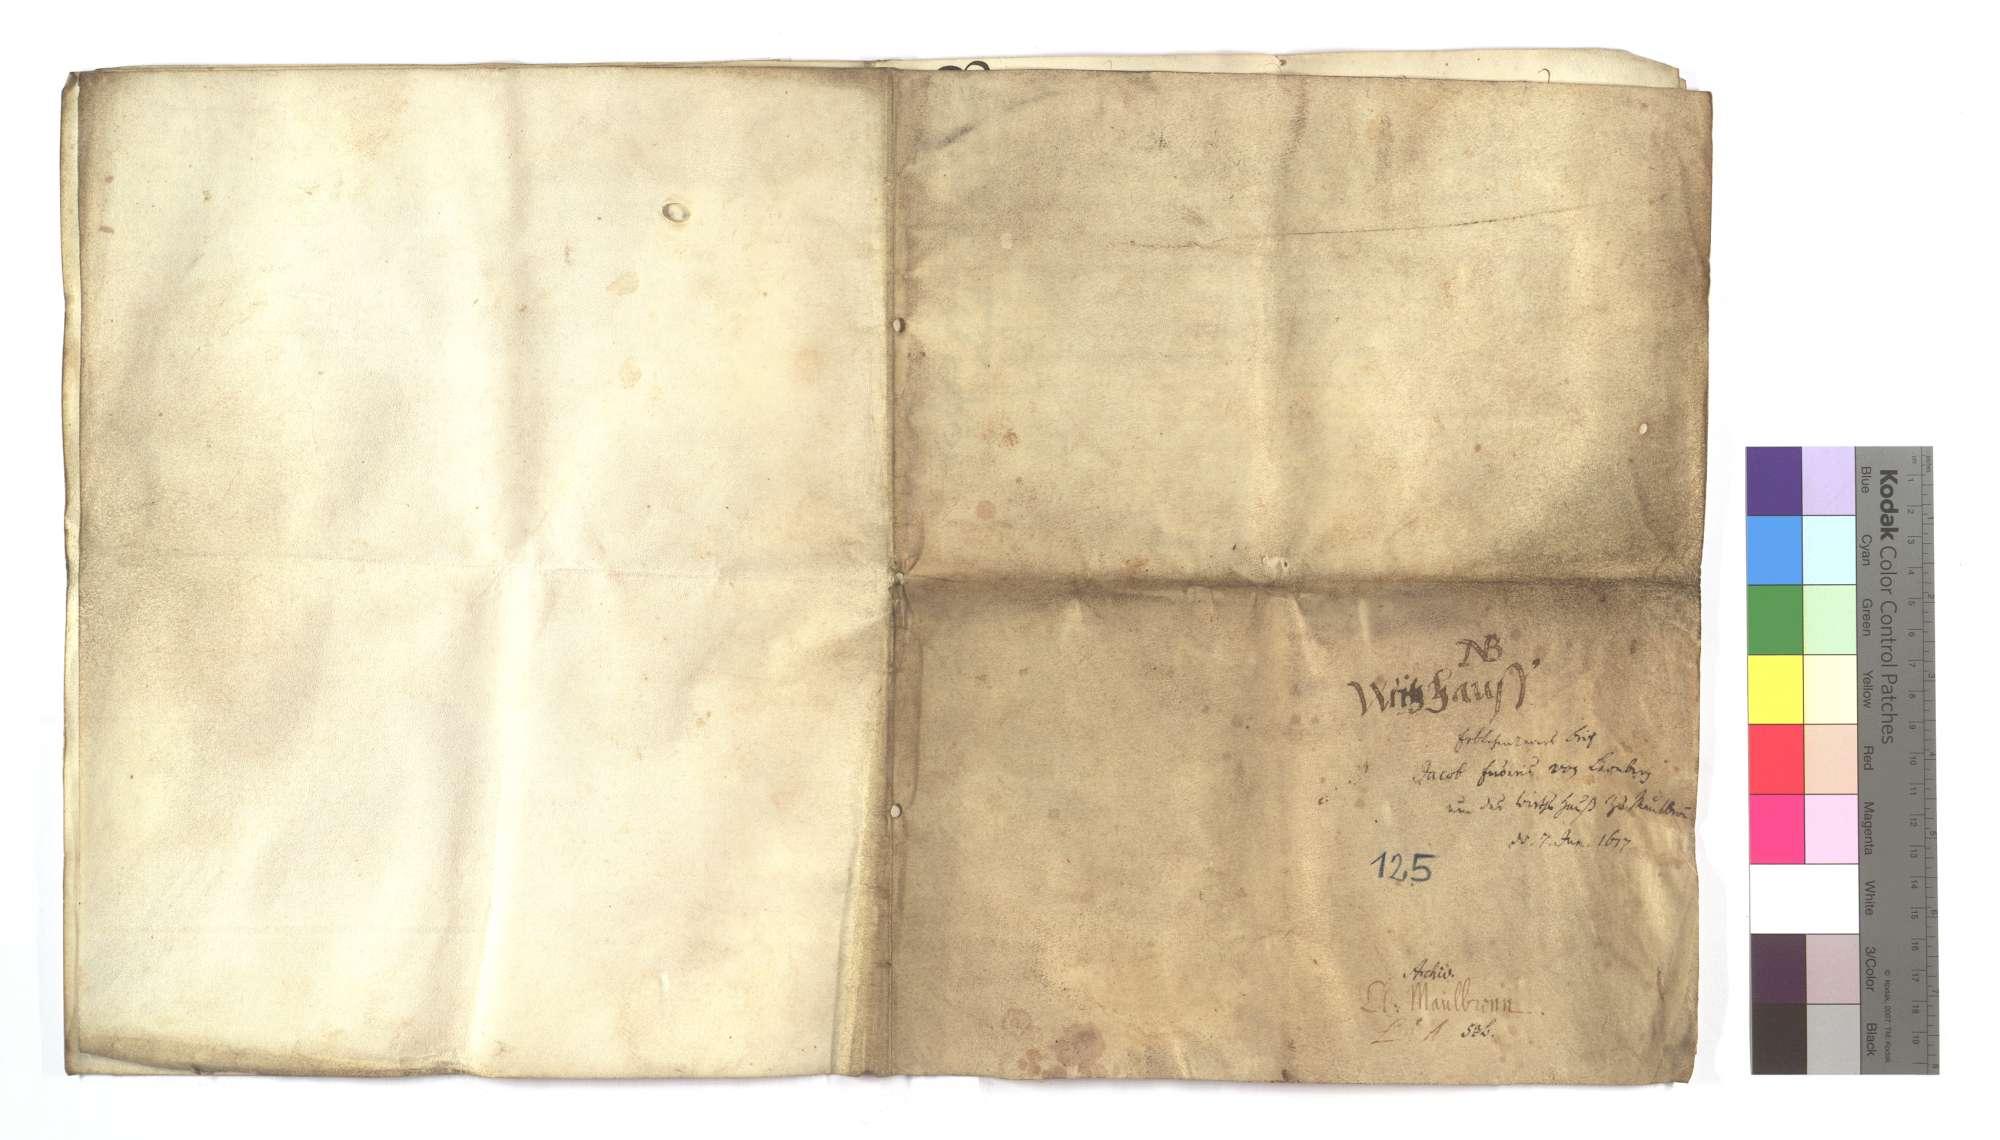 Erblehensrevers Jakob Endris von Leonberg um die Gastherberge von Maulbronn vor dem Kloster., Bild 1